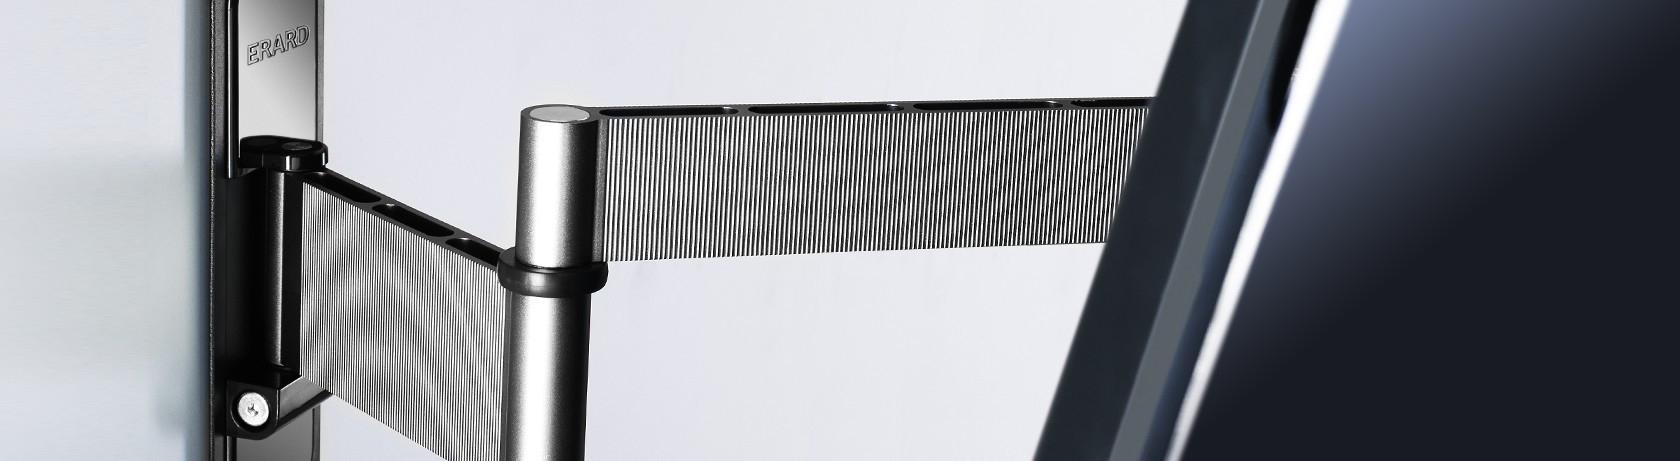 TV wall-mounts